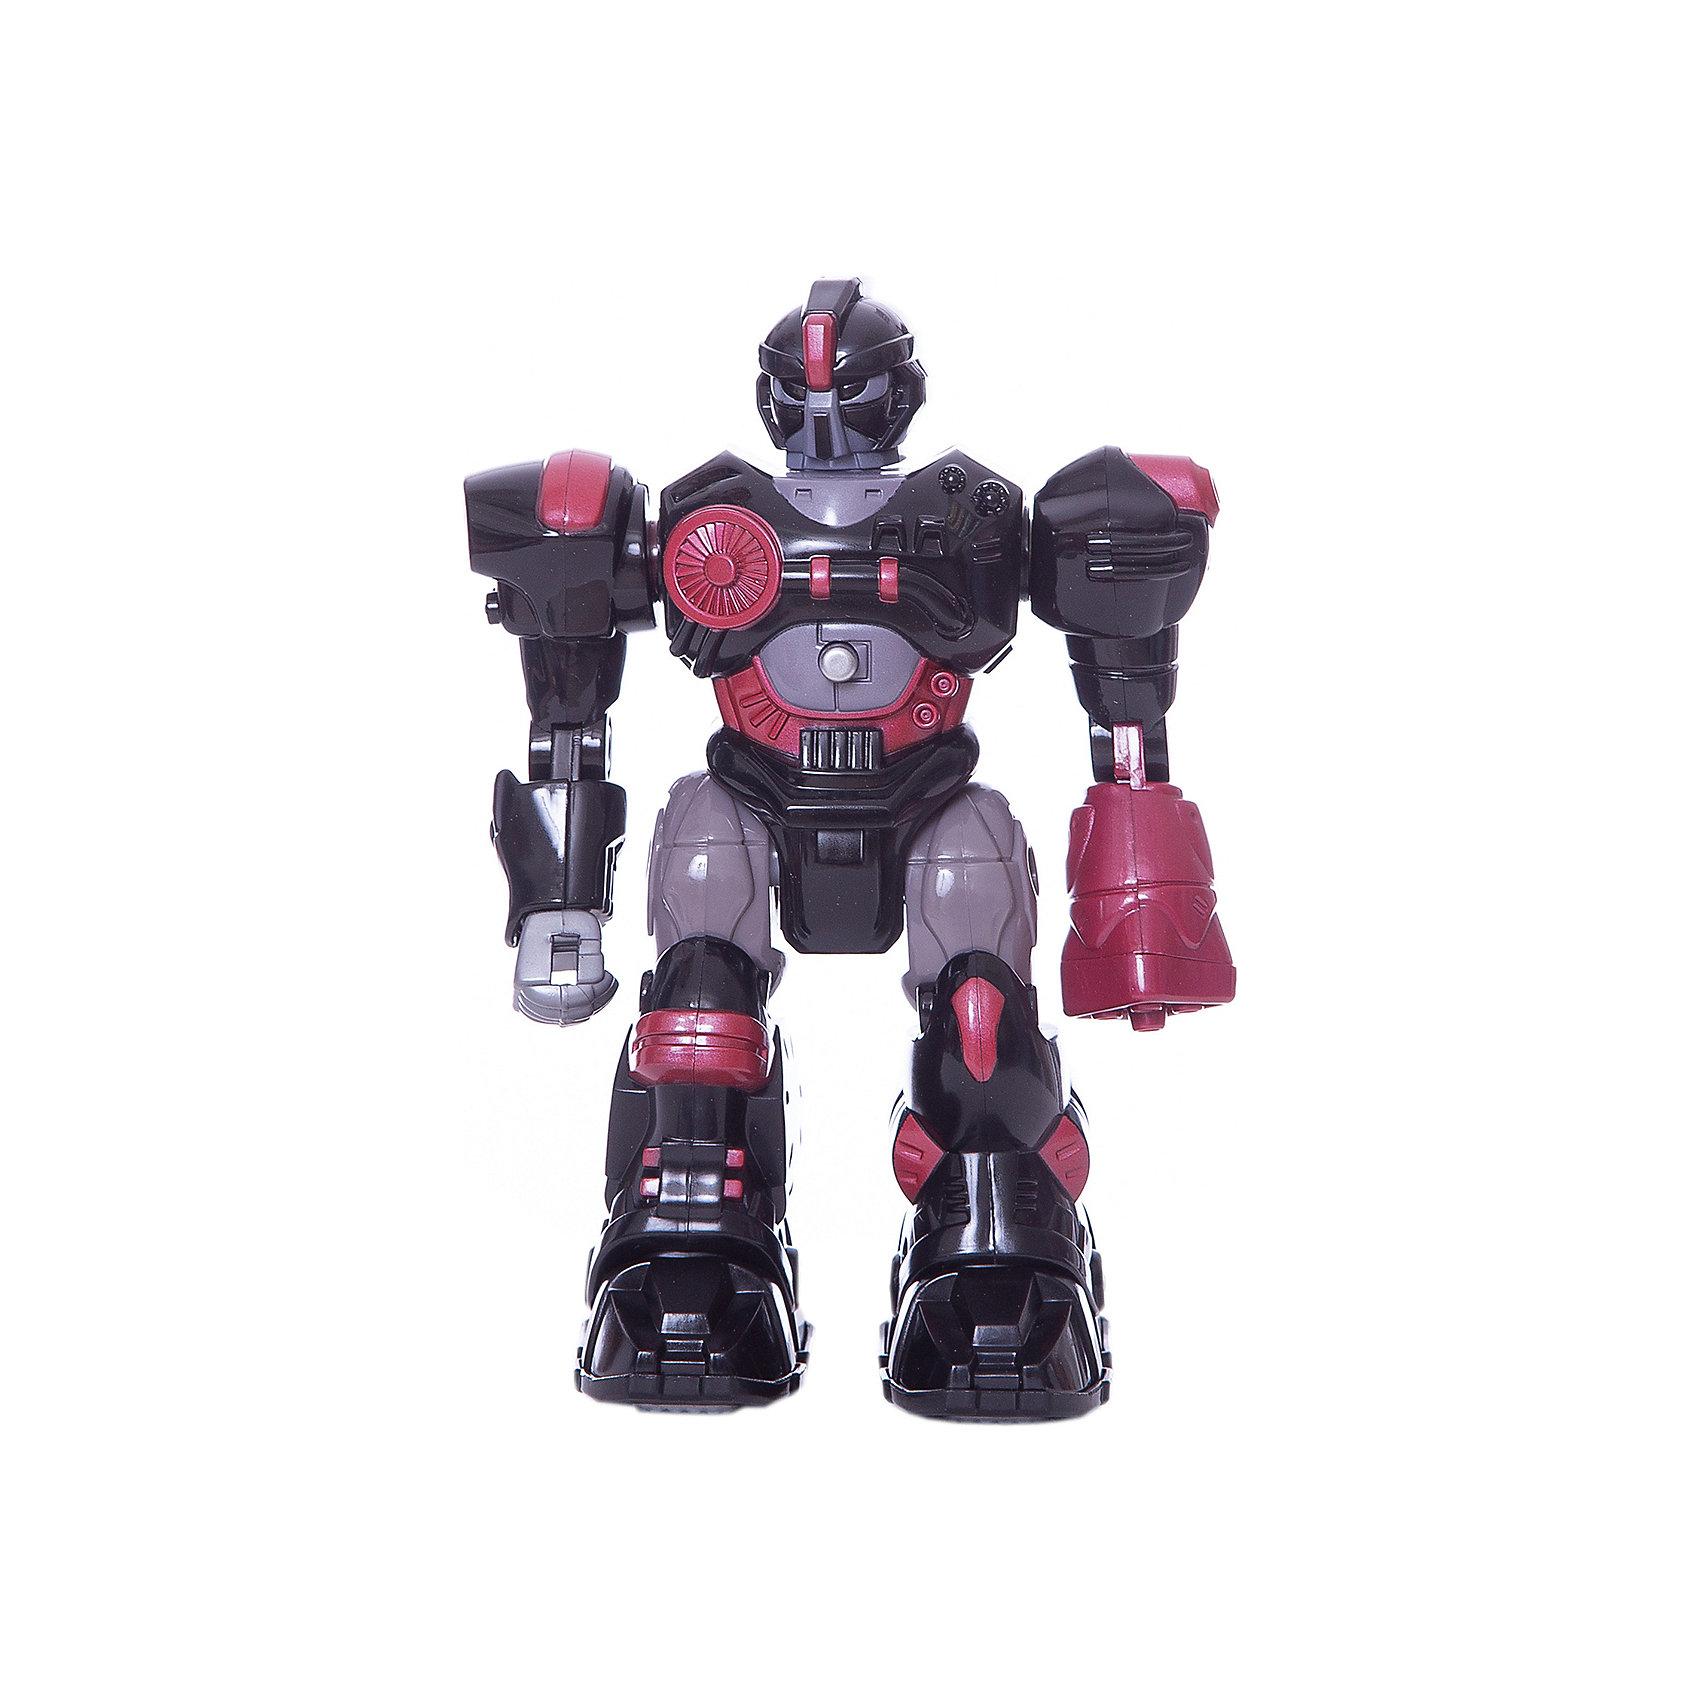 Робот XSS, 17,5 см, HAP-P-KIDРоботы<br>Робот XSS от HAP-P-KID классный подарок юному любителю робототехники! Робот выполнен из качественных материалов, у него прочная броня и несколько видов оружия. Робот самостоятельно передвигается и имеет классные световые эффекты. Устраивать битвы с таким бойцом одно удовольствие! Собирайтесь с друзьями и решайте чей робот самый сильный! <br>Игры с роботами развивают у мальчишек сообразительность и логическое мышление.<br><br>Дополнительная информация: <br><br>- Робот движется вперед;<br>- Три вида оружия;<br>- Световые эффекты;<br>- Работает от батареек: 2 типа ААА;<br>- Прекрасный подарок мальчишке;<br>- Высота игрушки: 17,5 см;<br>- Размер упаковки: 13,3 х 9,8 х 20,3;<br>- Вес: 710 г<br><br>Робота XSS, 17,5 см, HAP-P-KID можно купить в нашем интернет-магазине<br><br>Ширина мм: 133<br>Глубина мм: 98<br>Высота мм: 203<br>Вес г: 710<br>Возраст от месяцев: 36<br>Возраст до месяцев: 84<br>Пол: Мужской<br>Возраст: Детский<br>SKU: 4001657